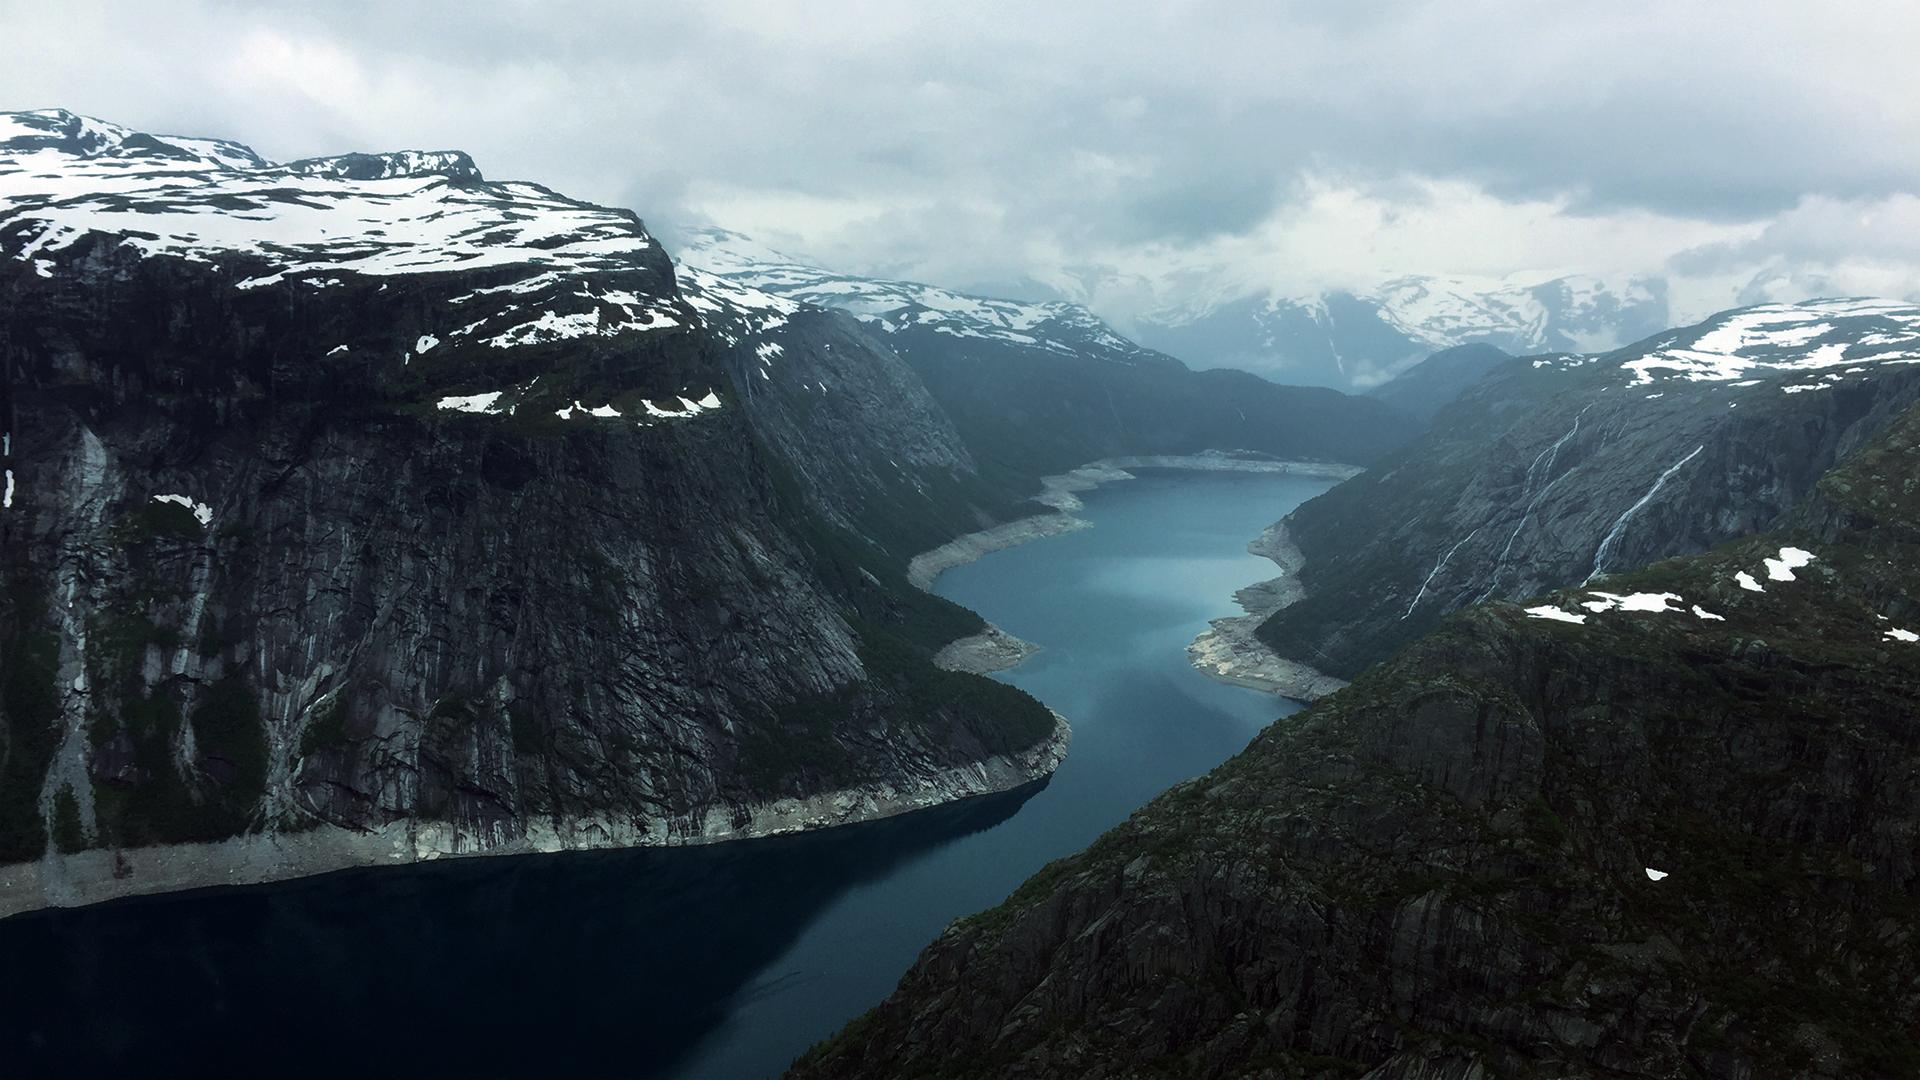 Ringedalsvatnet, Norway by RockLou